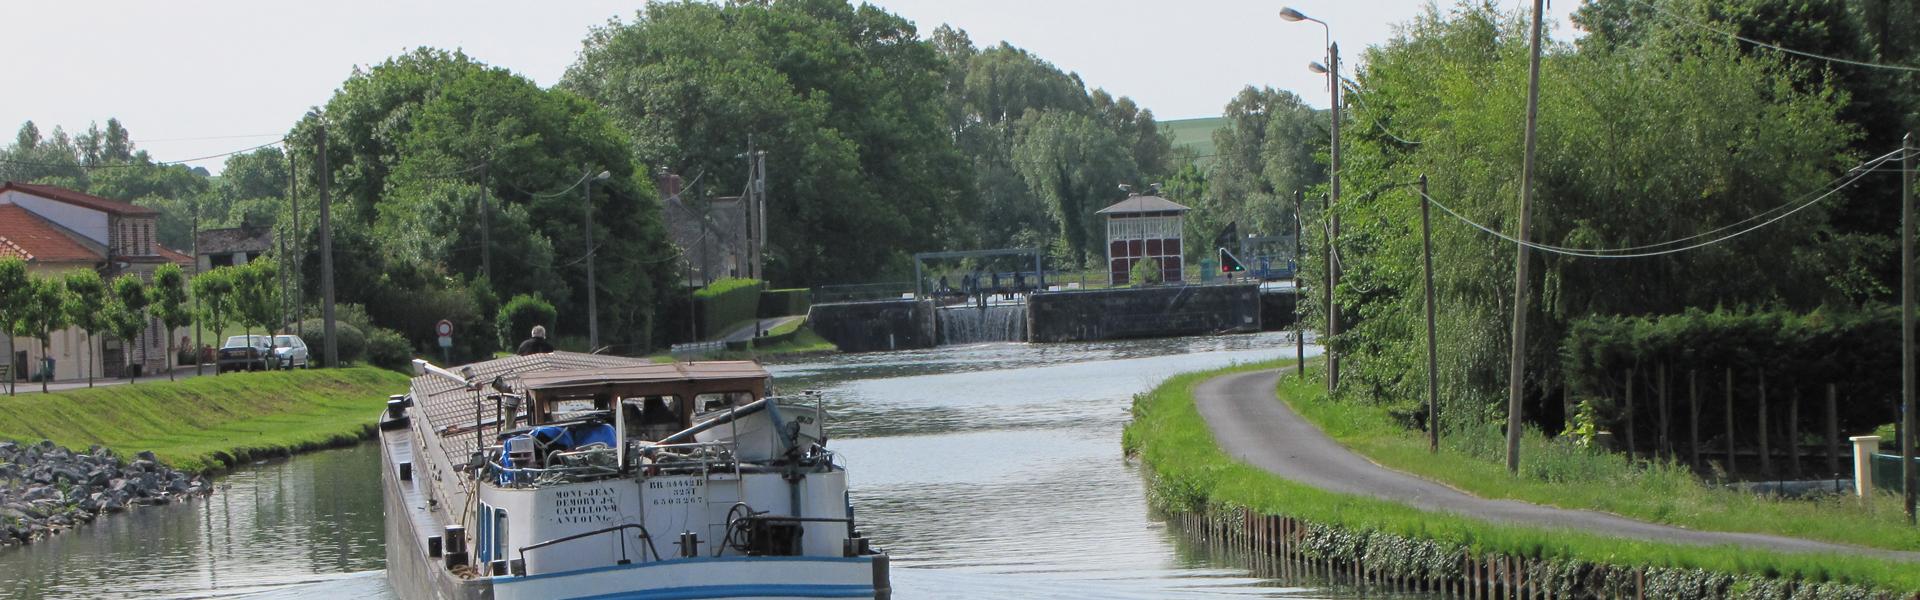 Le canal de Saint Quentin